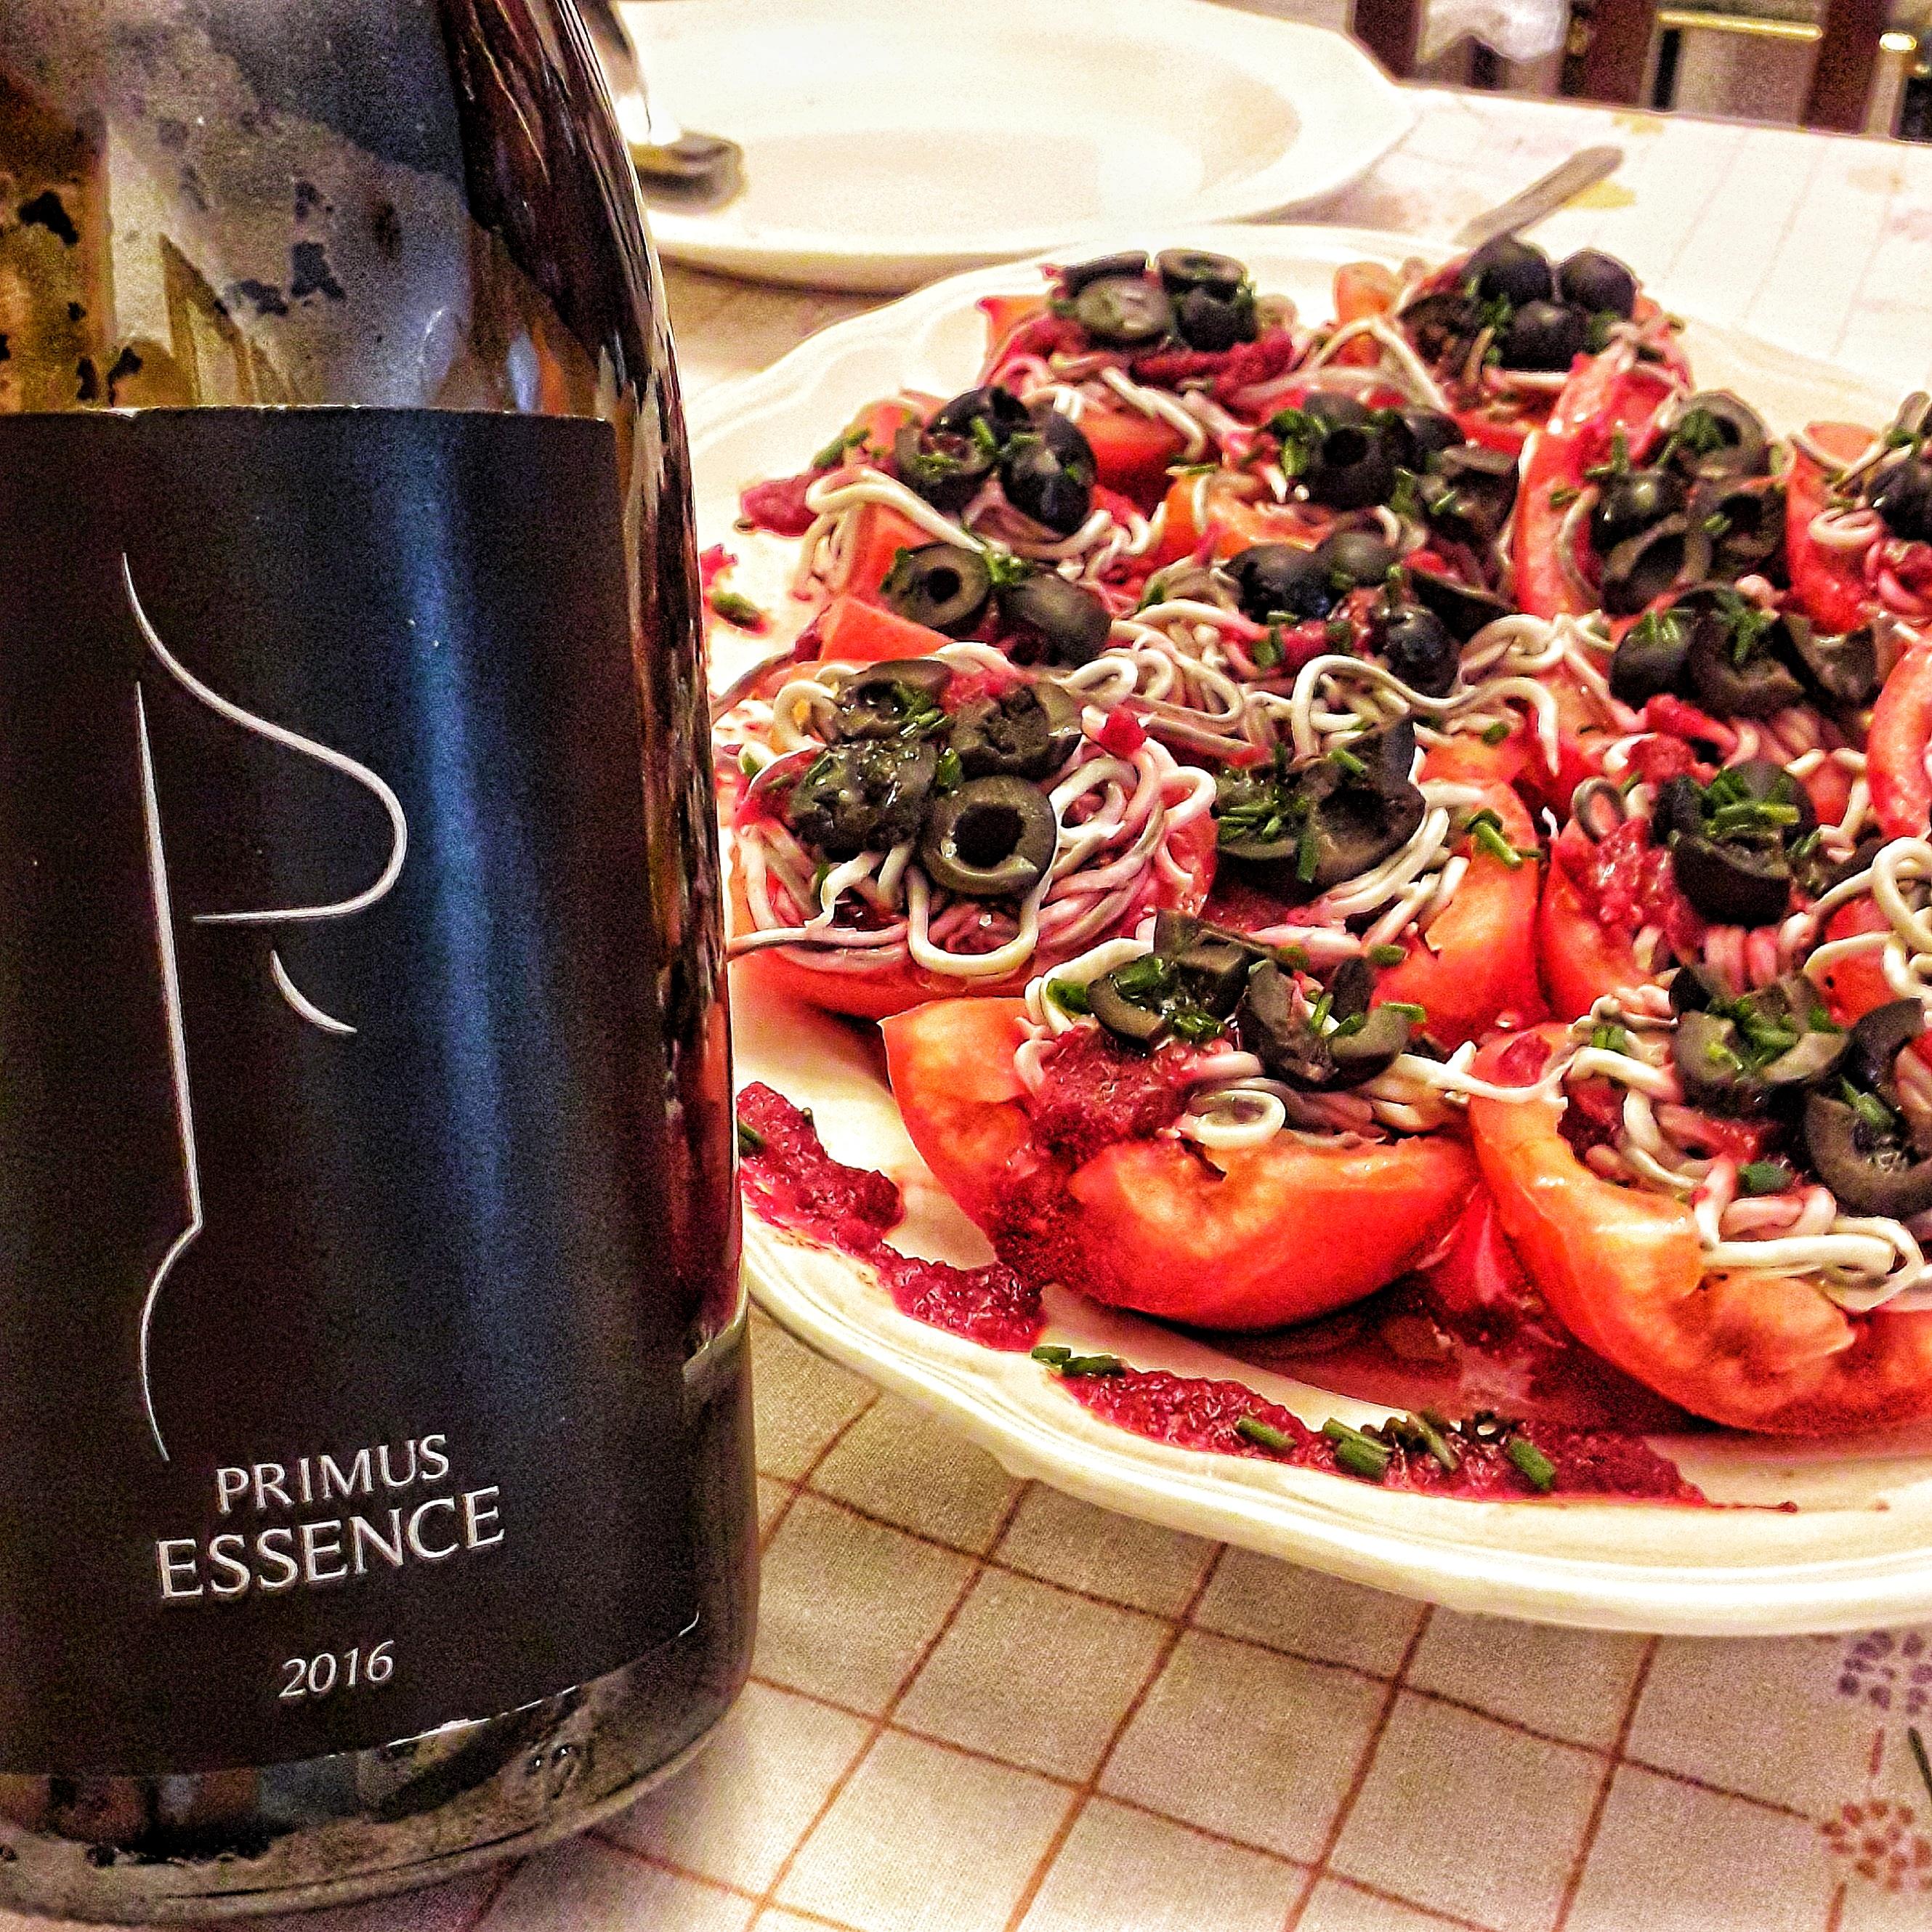 Primus Essence y tomates rellenos